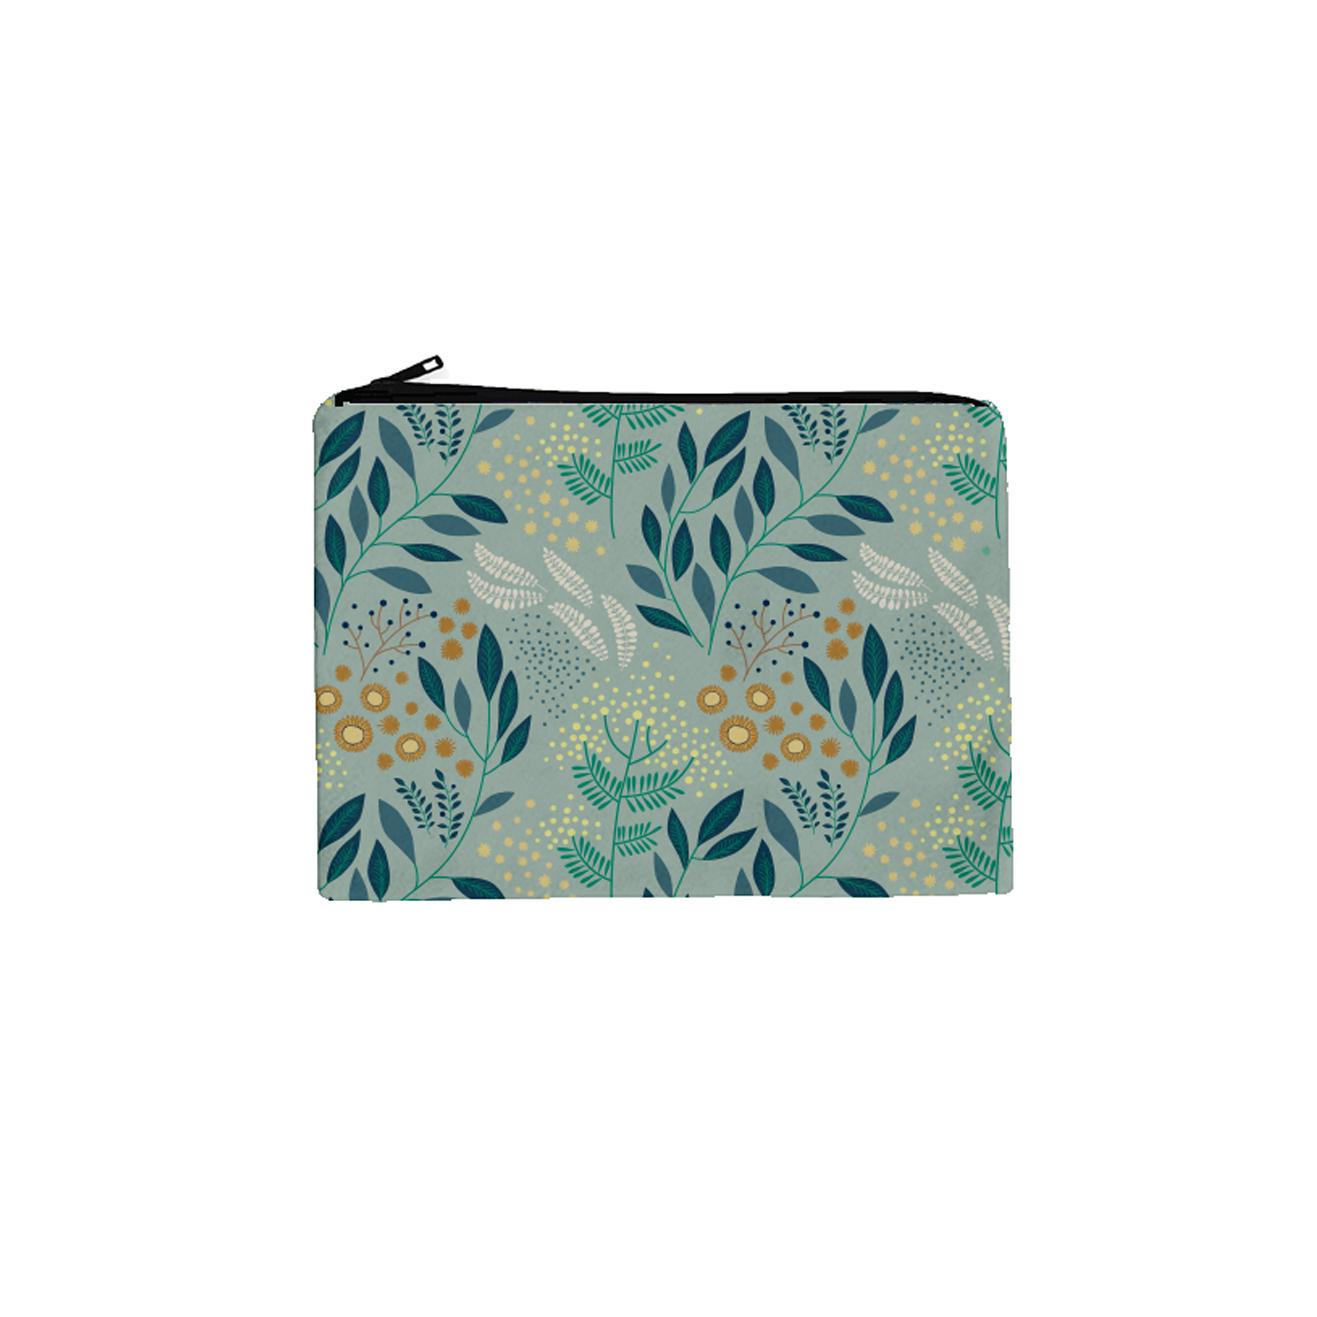 Trousse cosmetique en coton mimosa